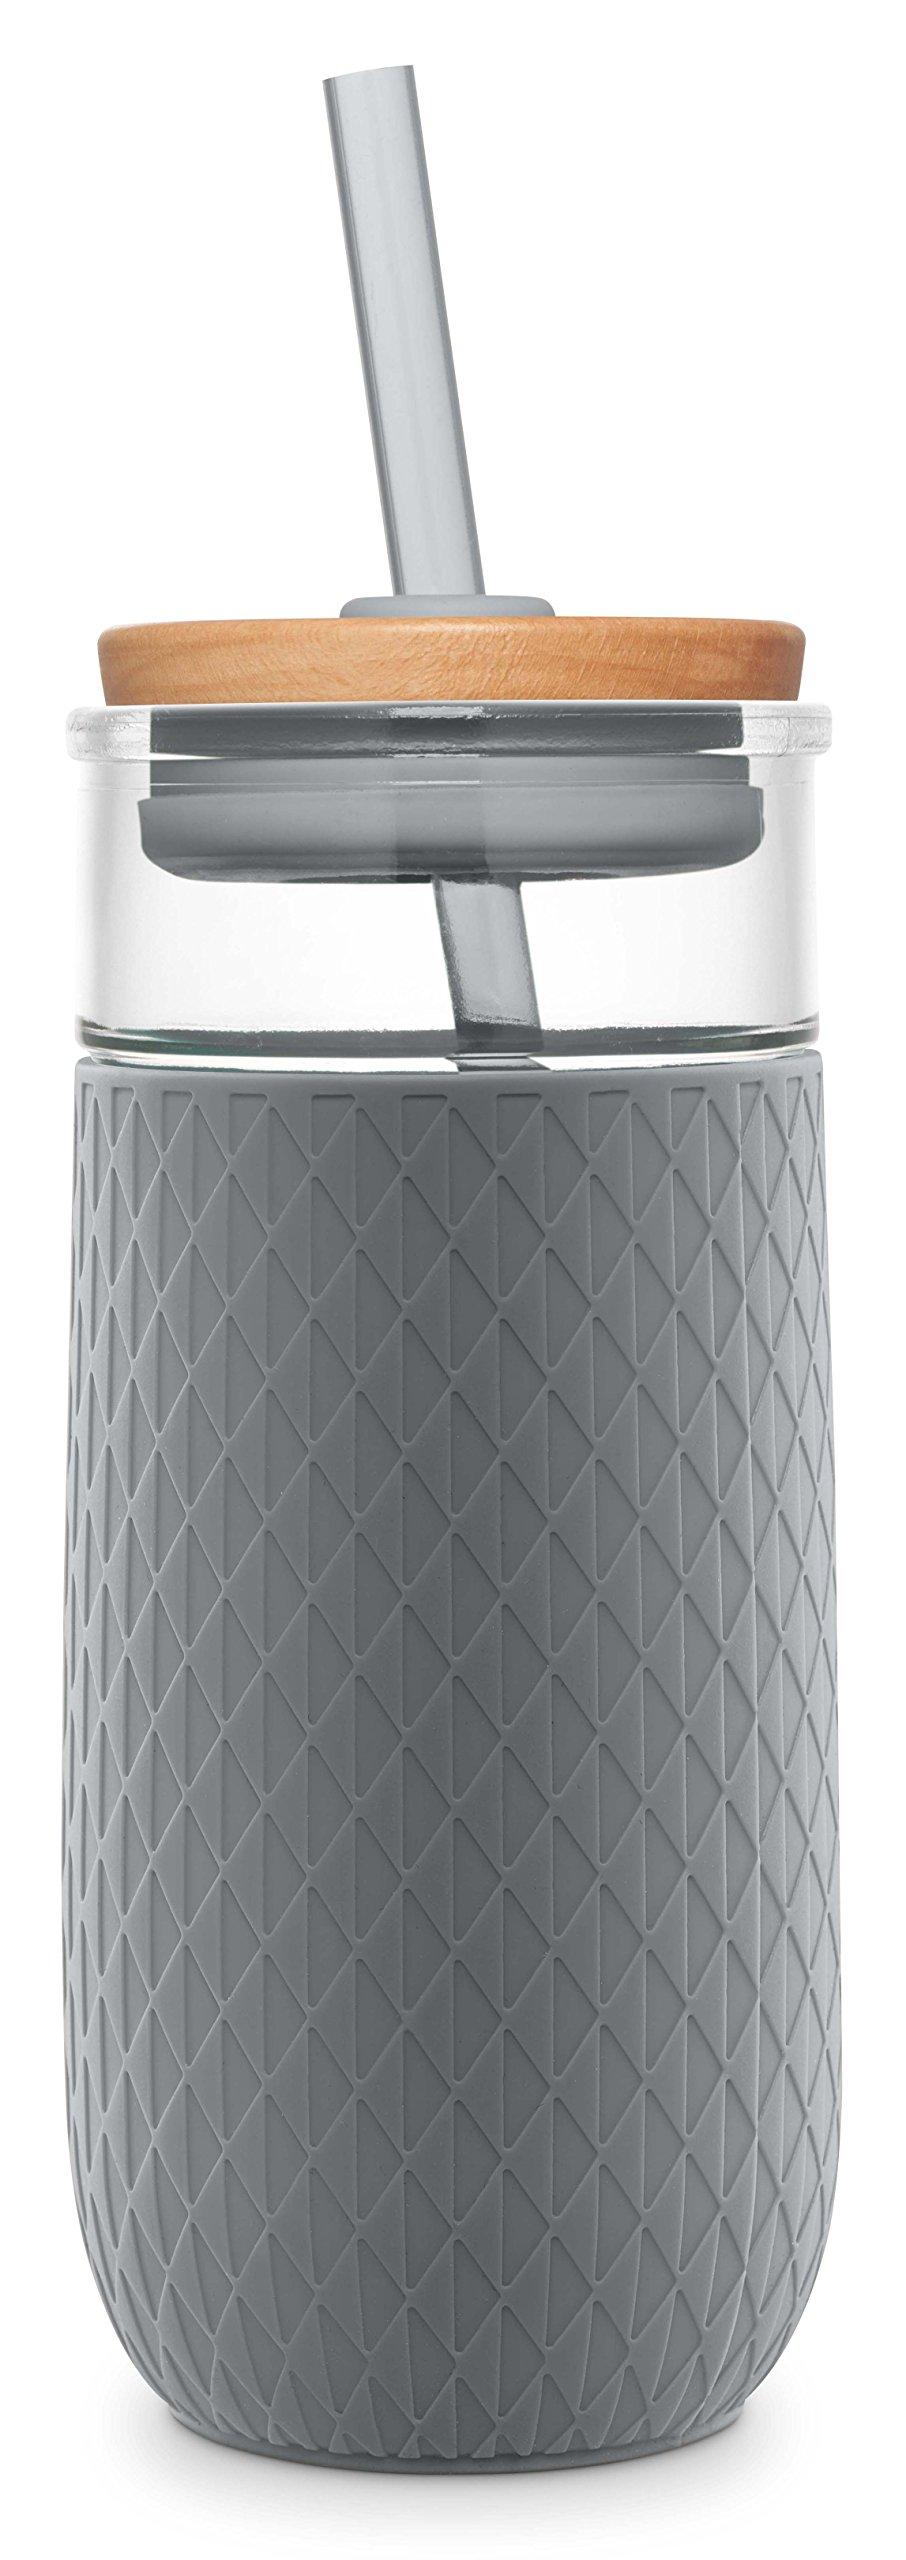 Ello Devon Glass Tumbler with Silicone Sleeve, 20 oz, Grey by Ello